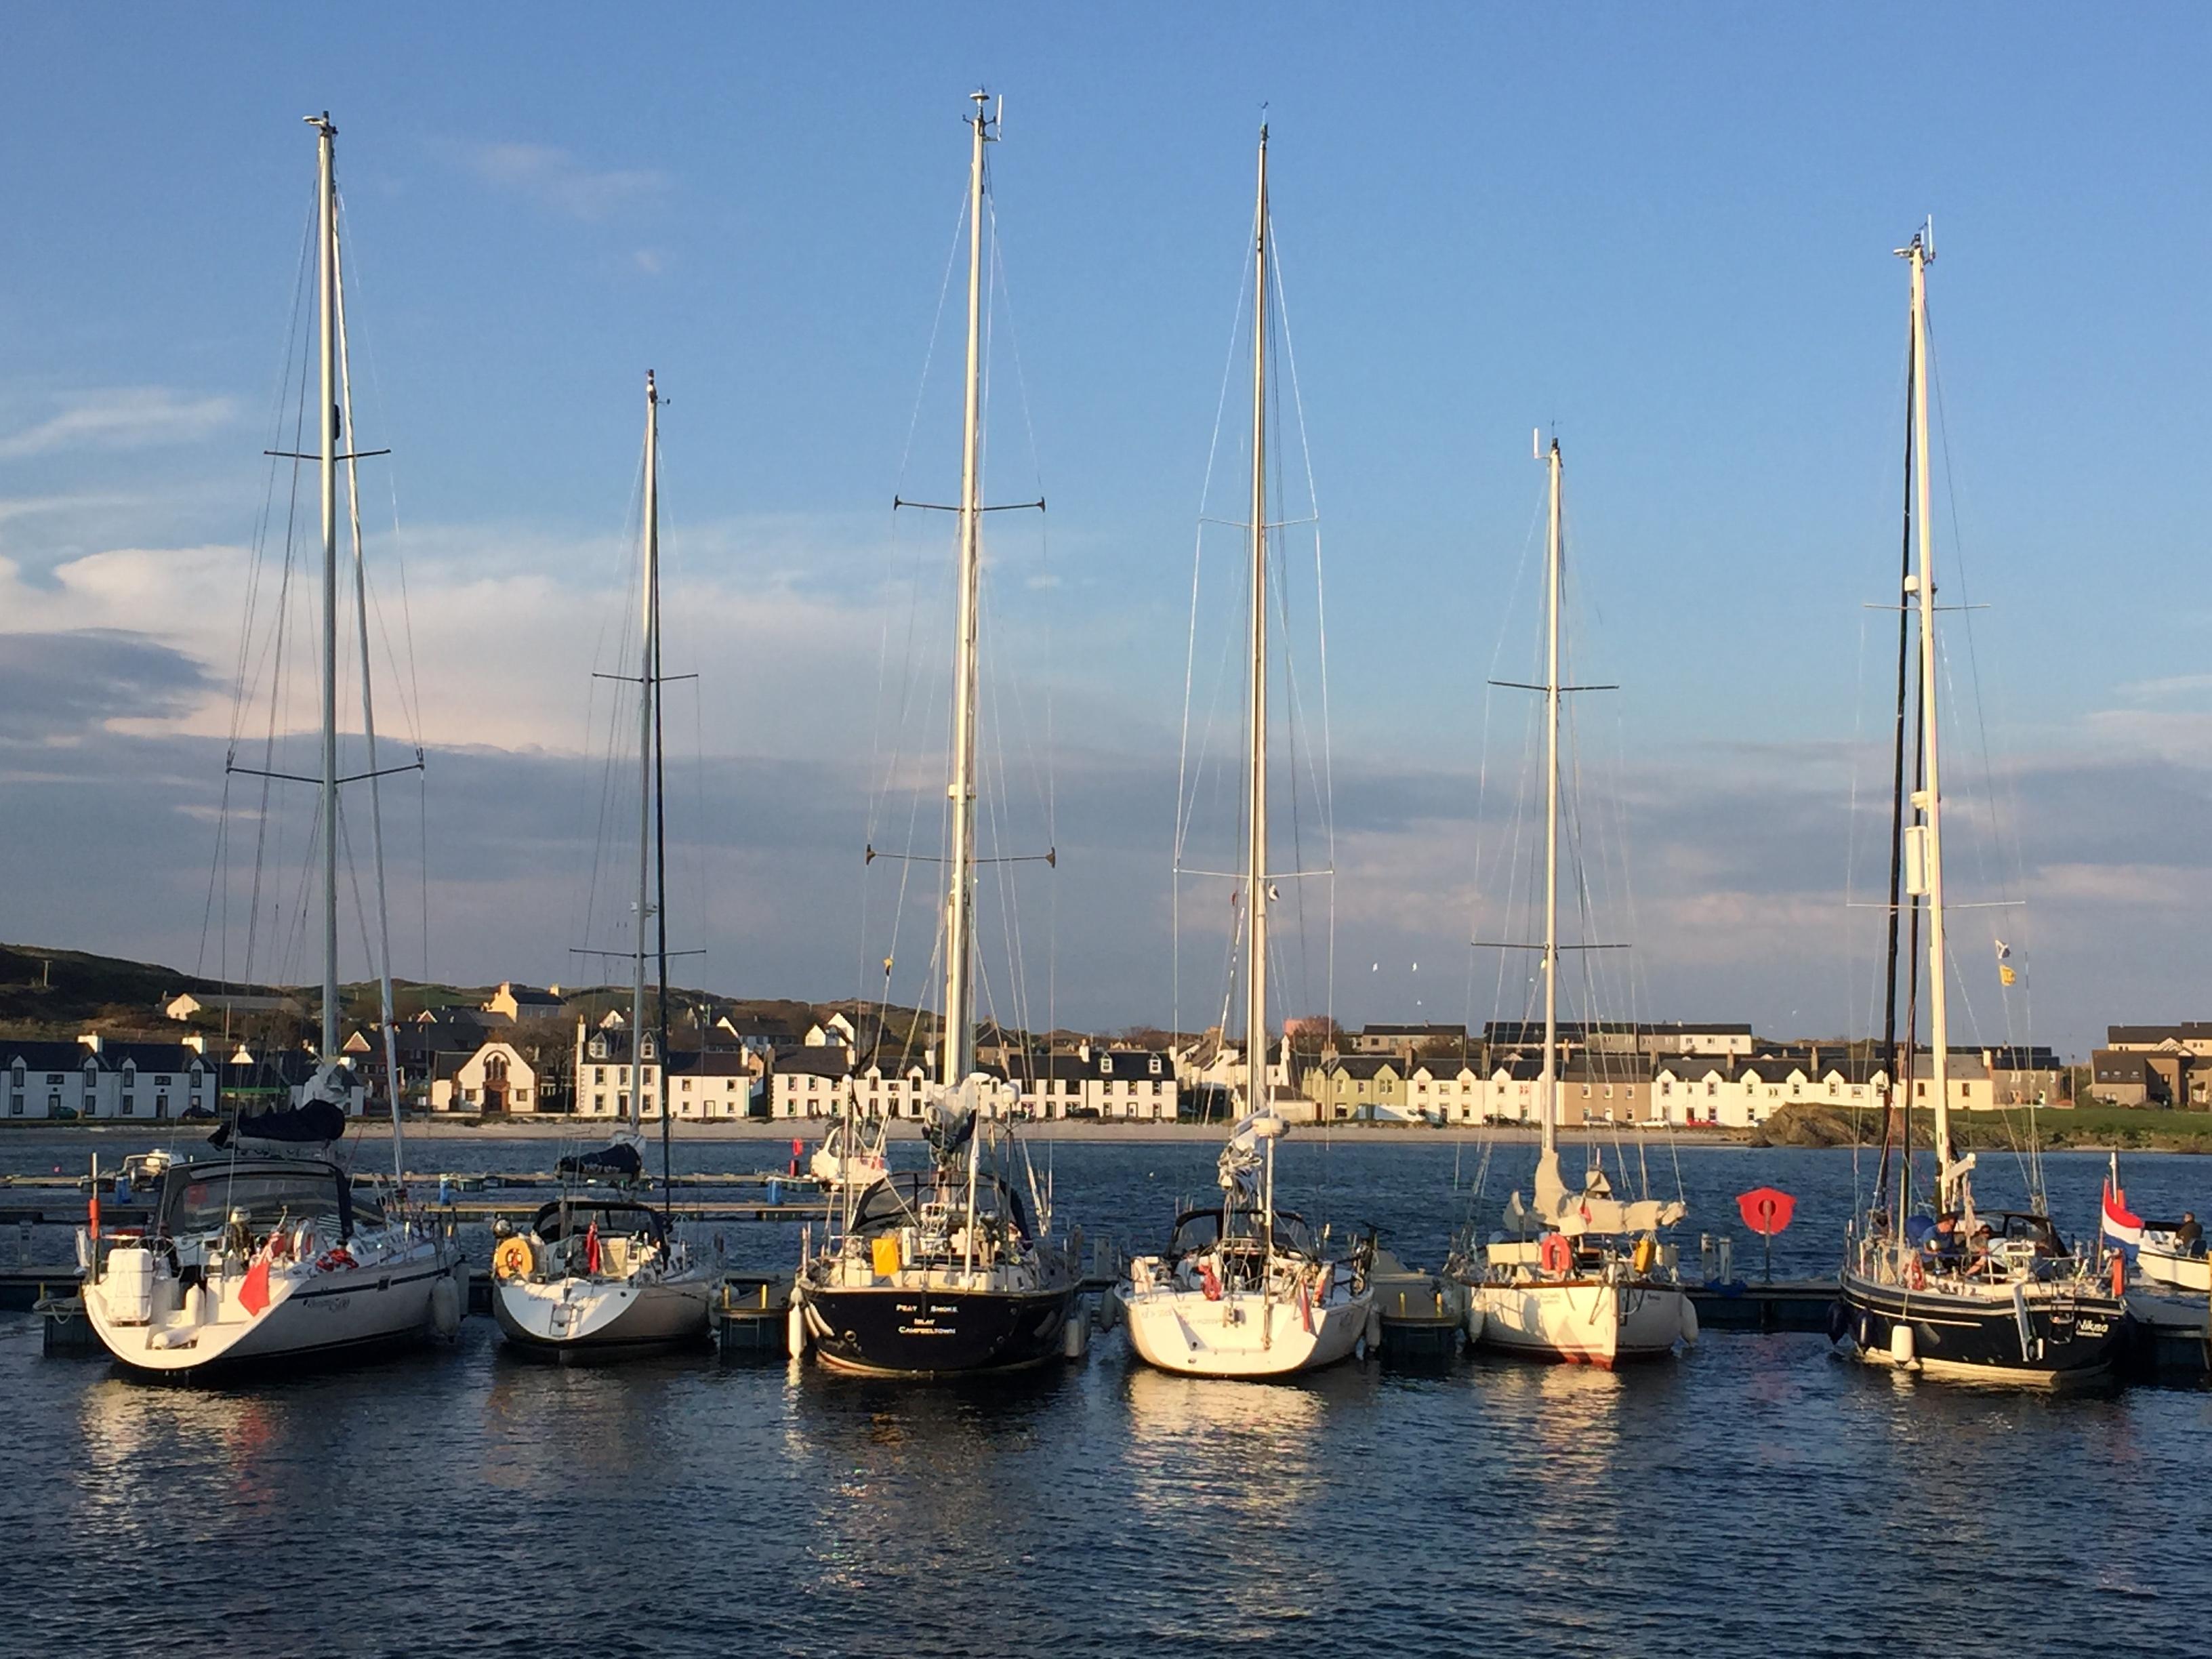 Port Ellen - Marina